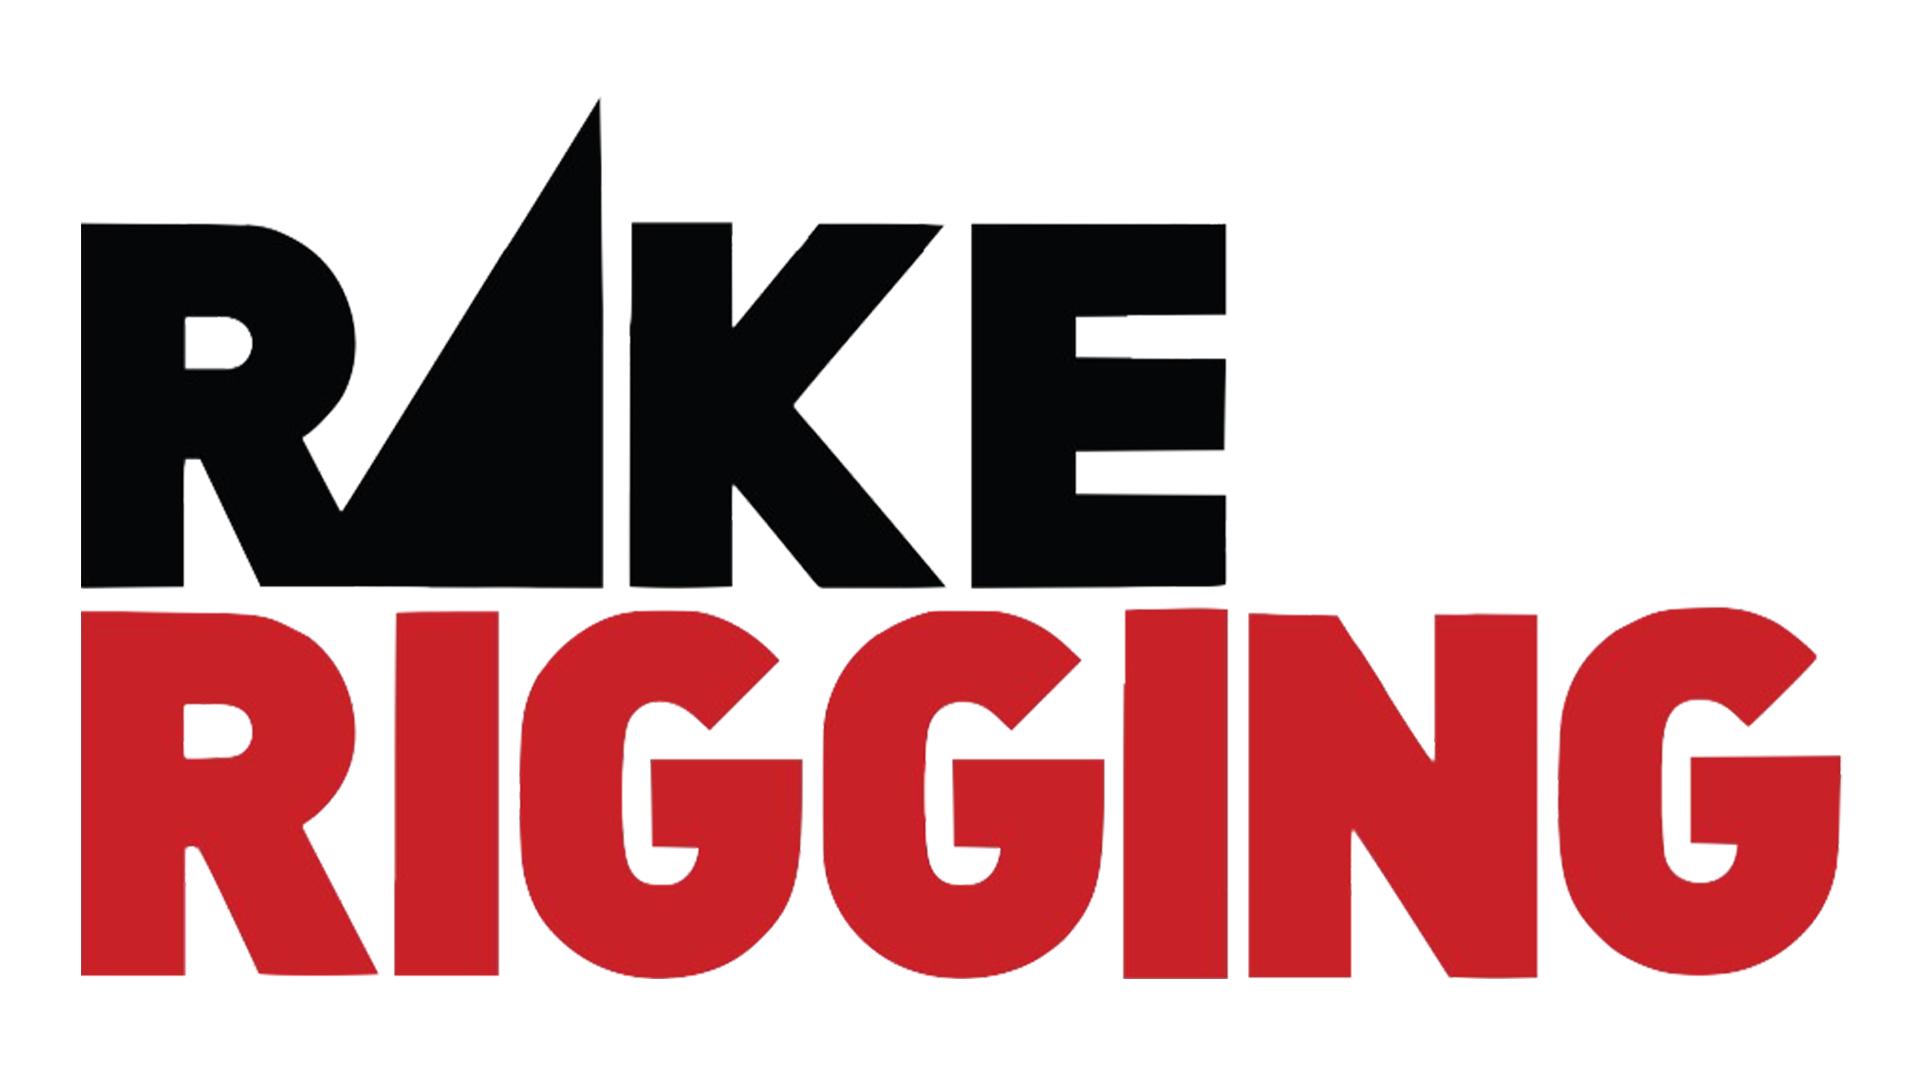 RAKE RIGGING B.V. - Rake Rigging is een full service tuigerij voor zeiljachten tot 100 ft. Voor nieuwe masten, refits,staand- en lopend want. Tevens touw groothandel.